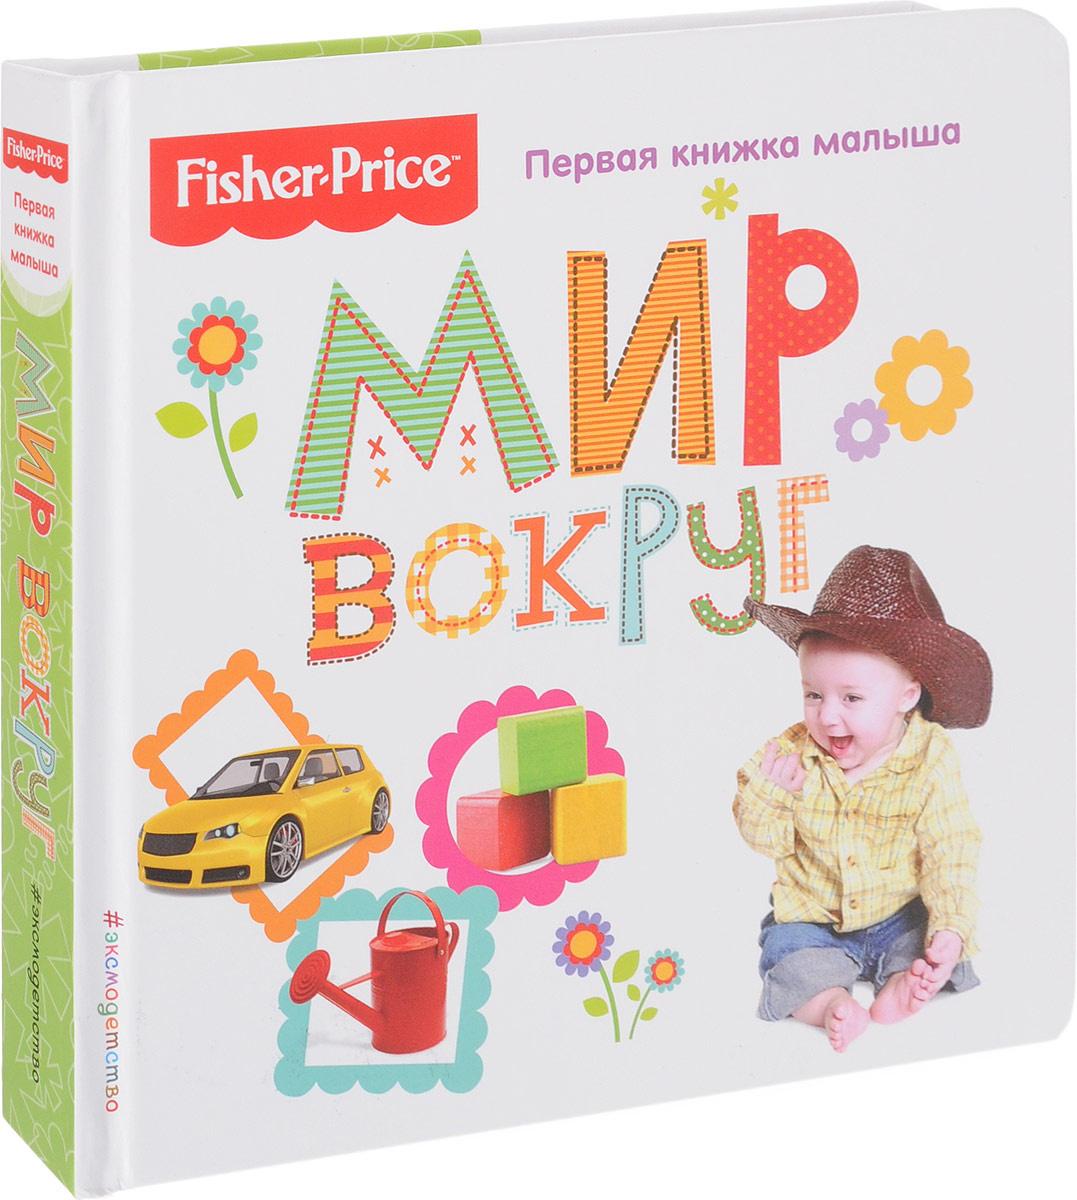 Книги для детей до 1 года, от 1 года и до 2 лет